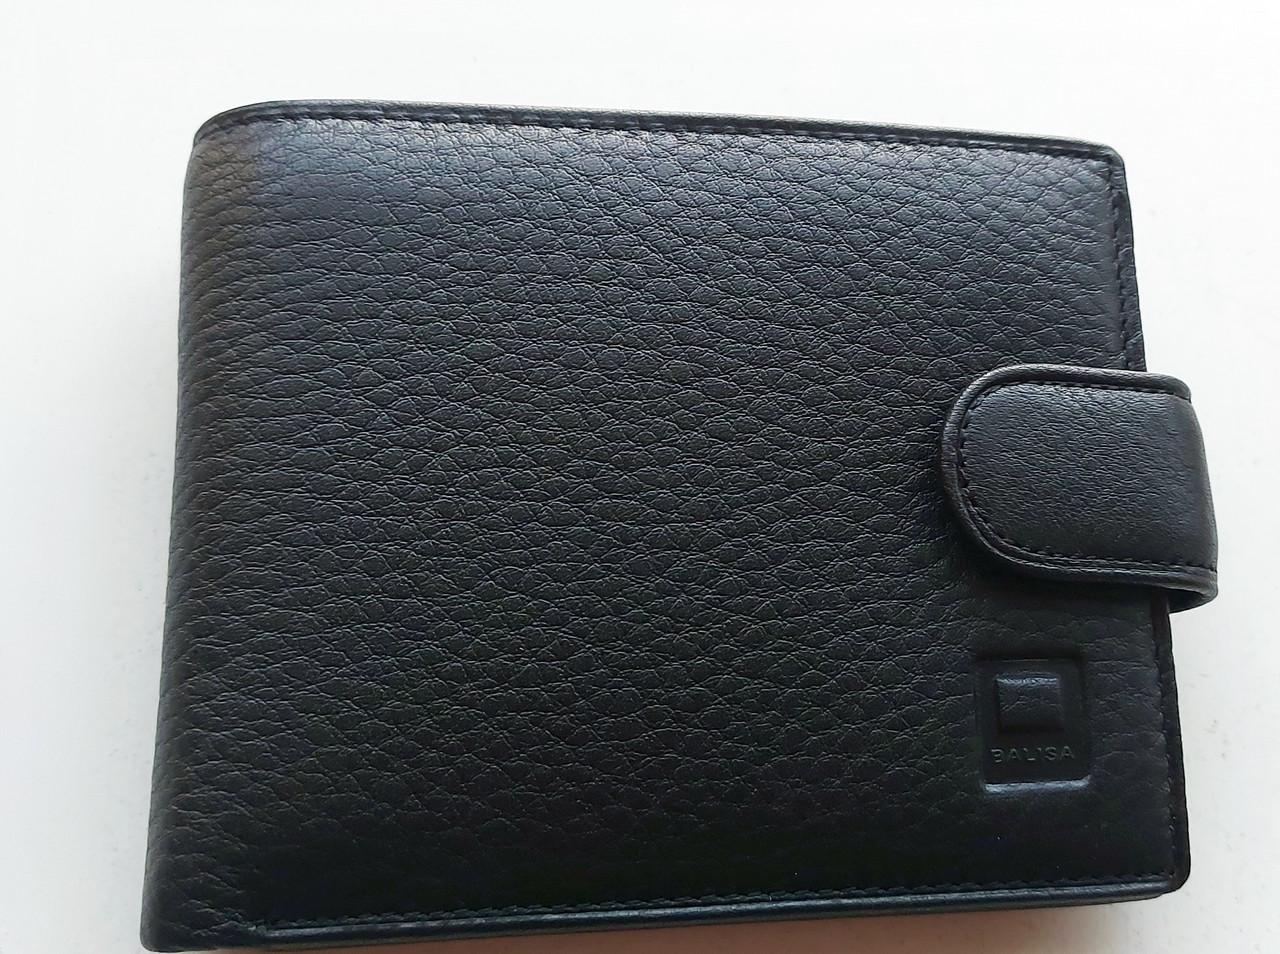 Чоловіче шкіряне портмоне BA 6-24 black, купити чоловіче портмоне Balisa недорого в Україні